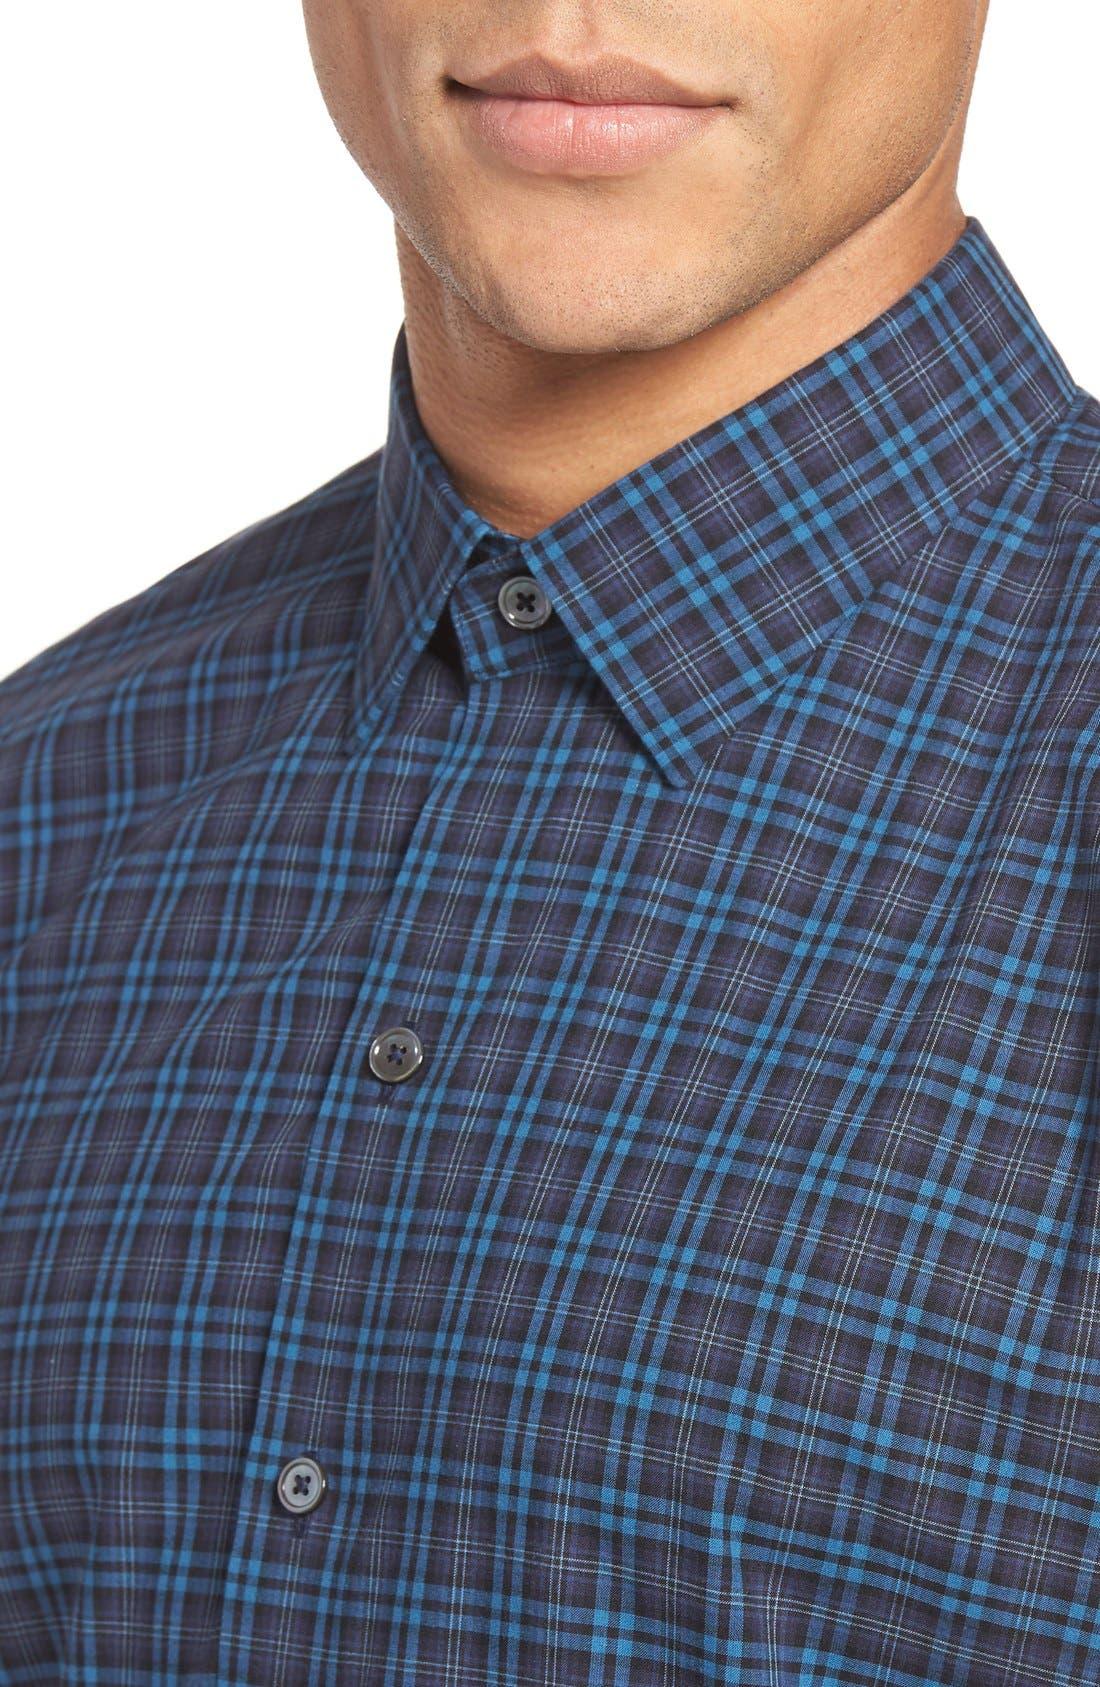 Adler Trim Fit Plaid Sport Shirt,                             Alternate thumbnail 4, color,                             Blue